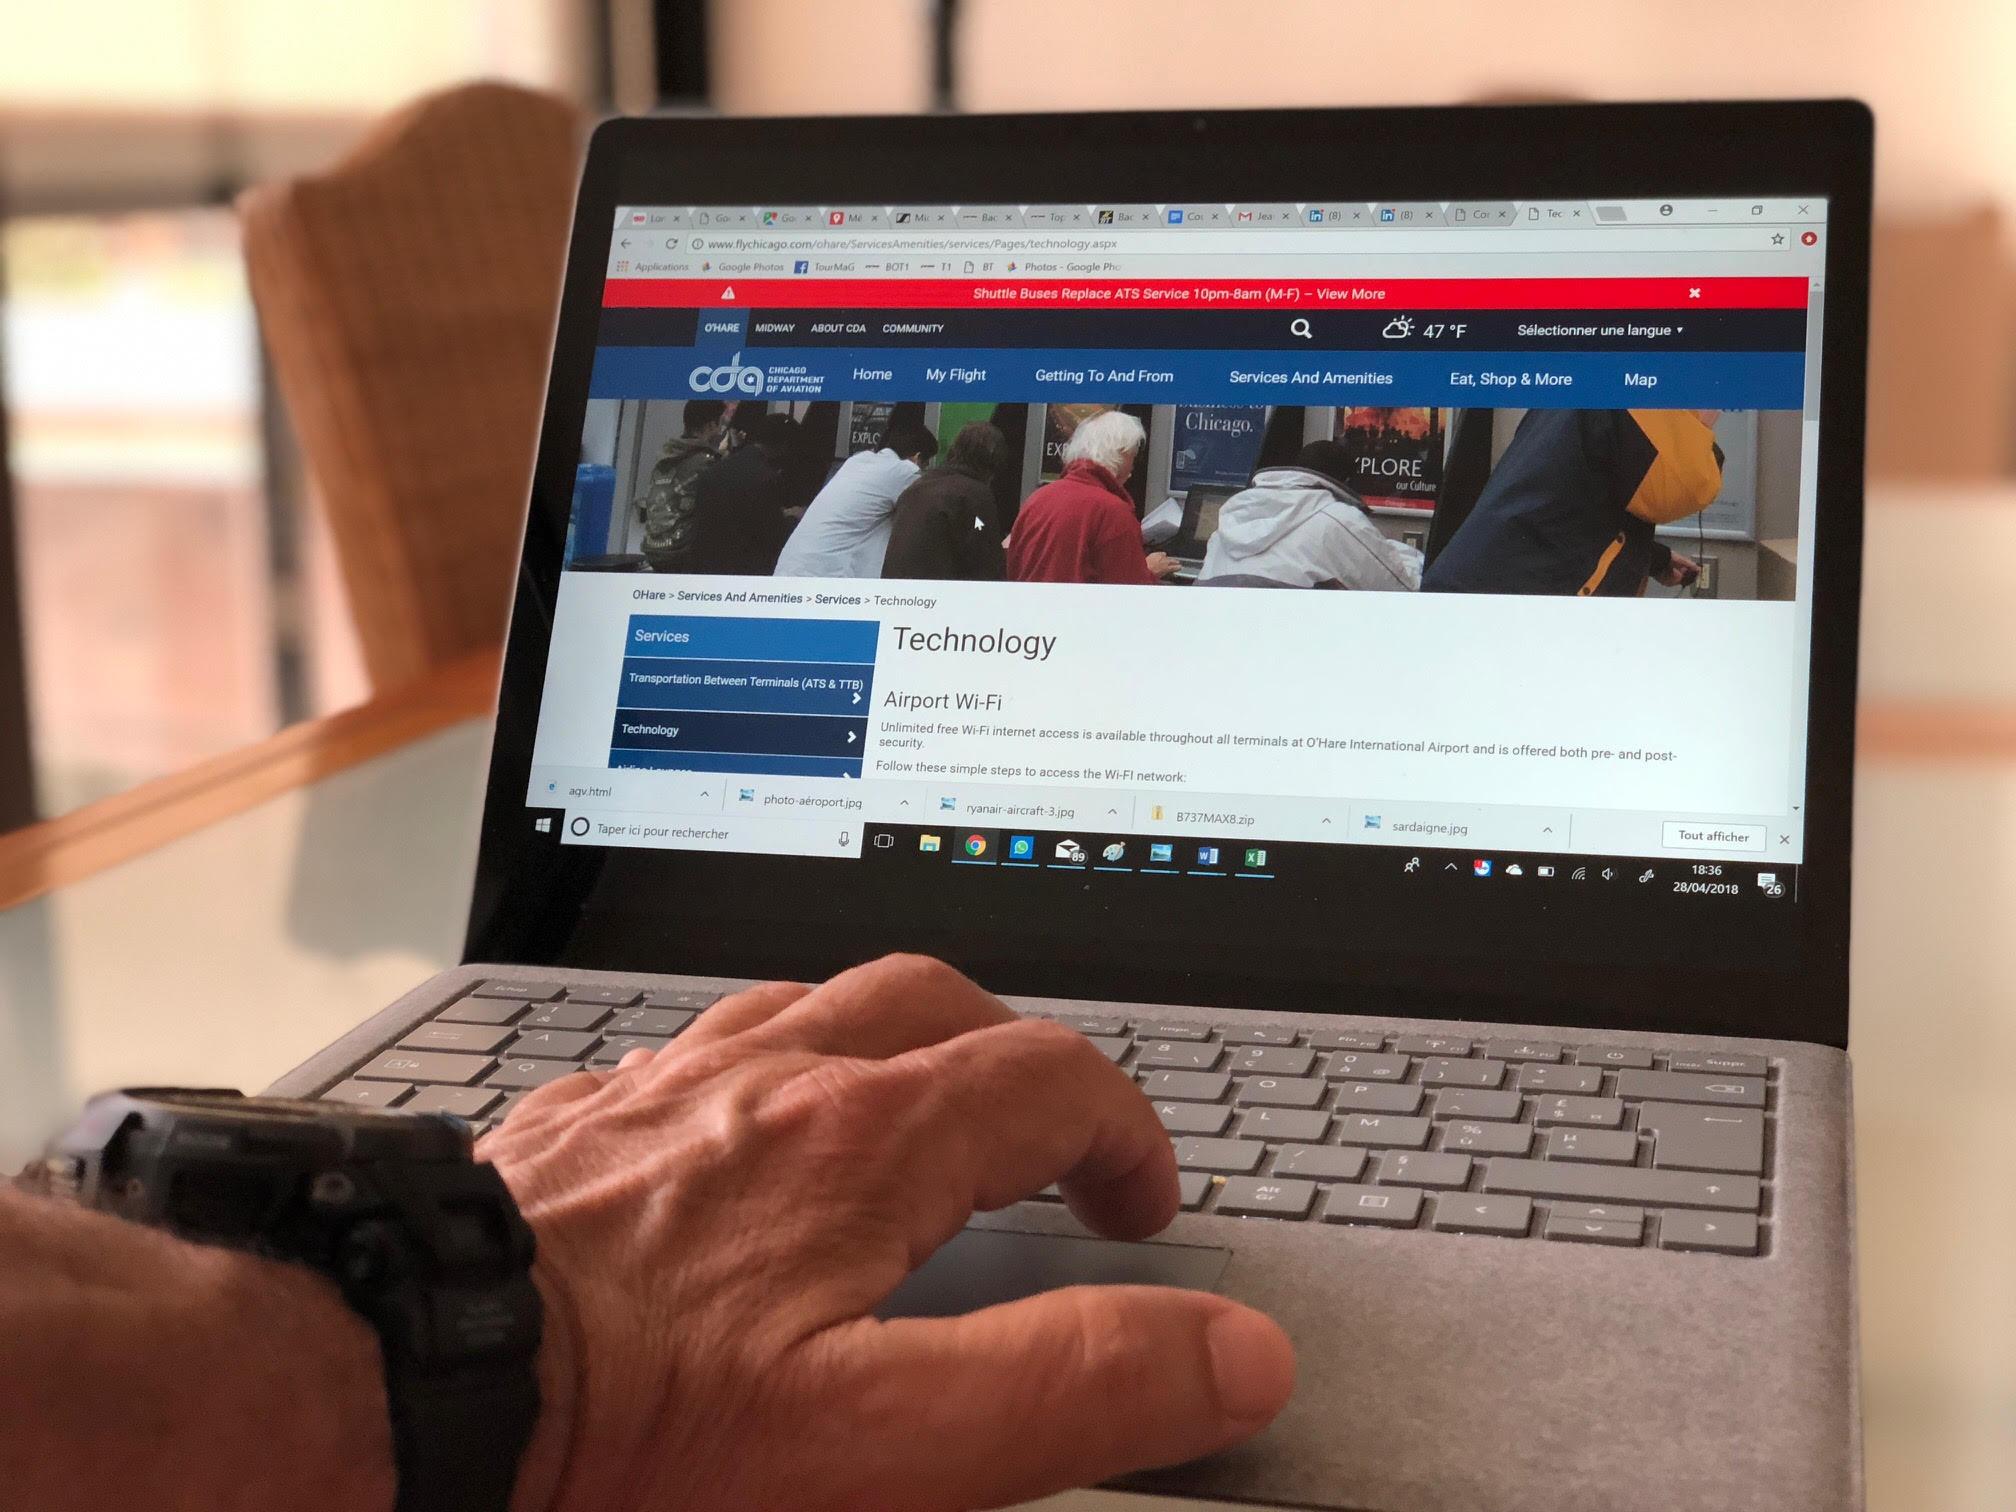 Les aéroports de Chicago offrent une connexion Wi-Fi illimitée gratuite